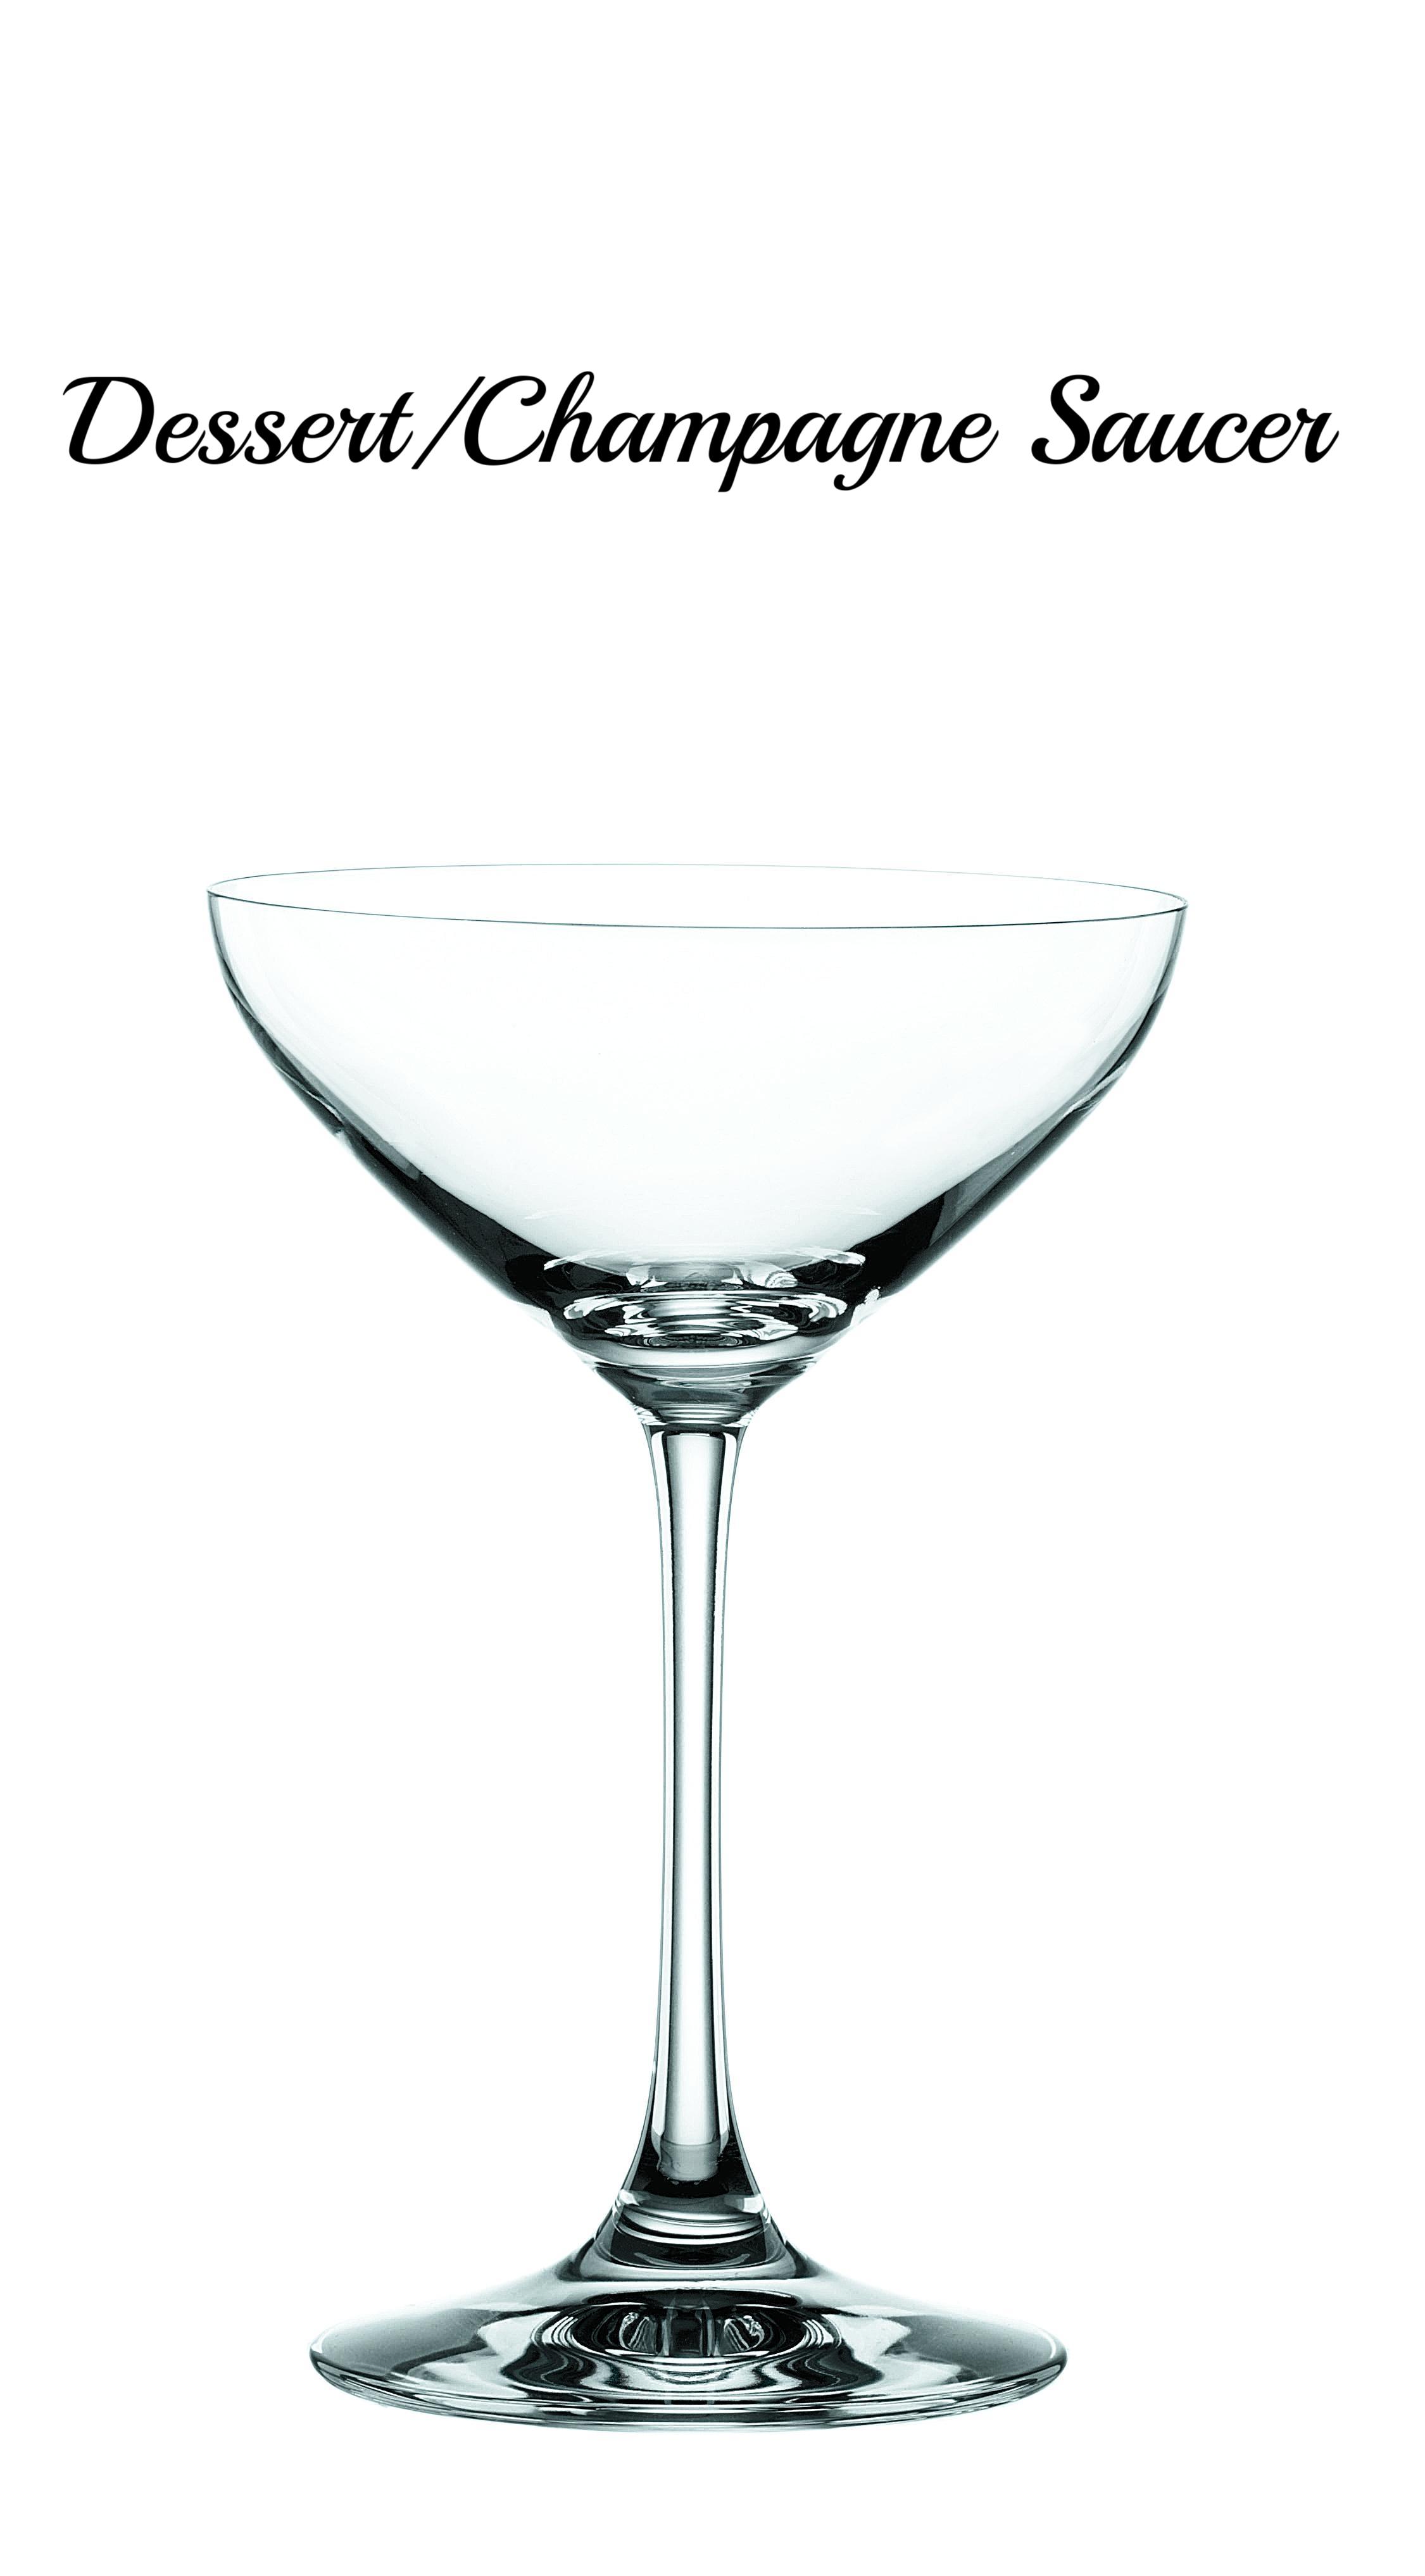 4710050 Dessert Champagne Saucer.jpg